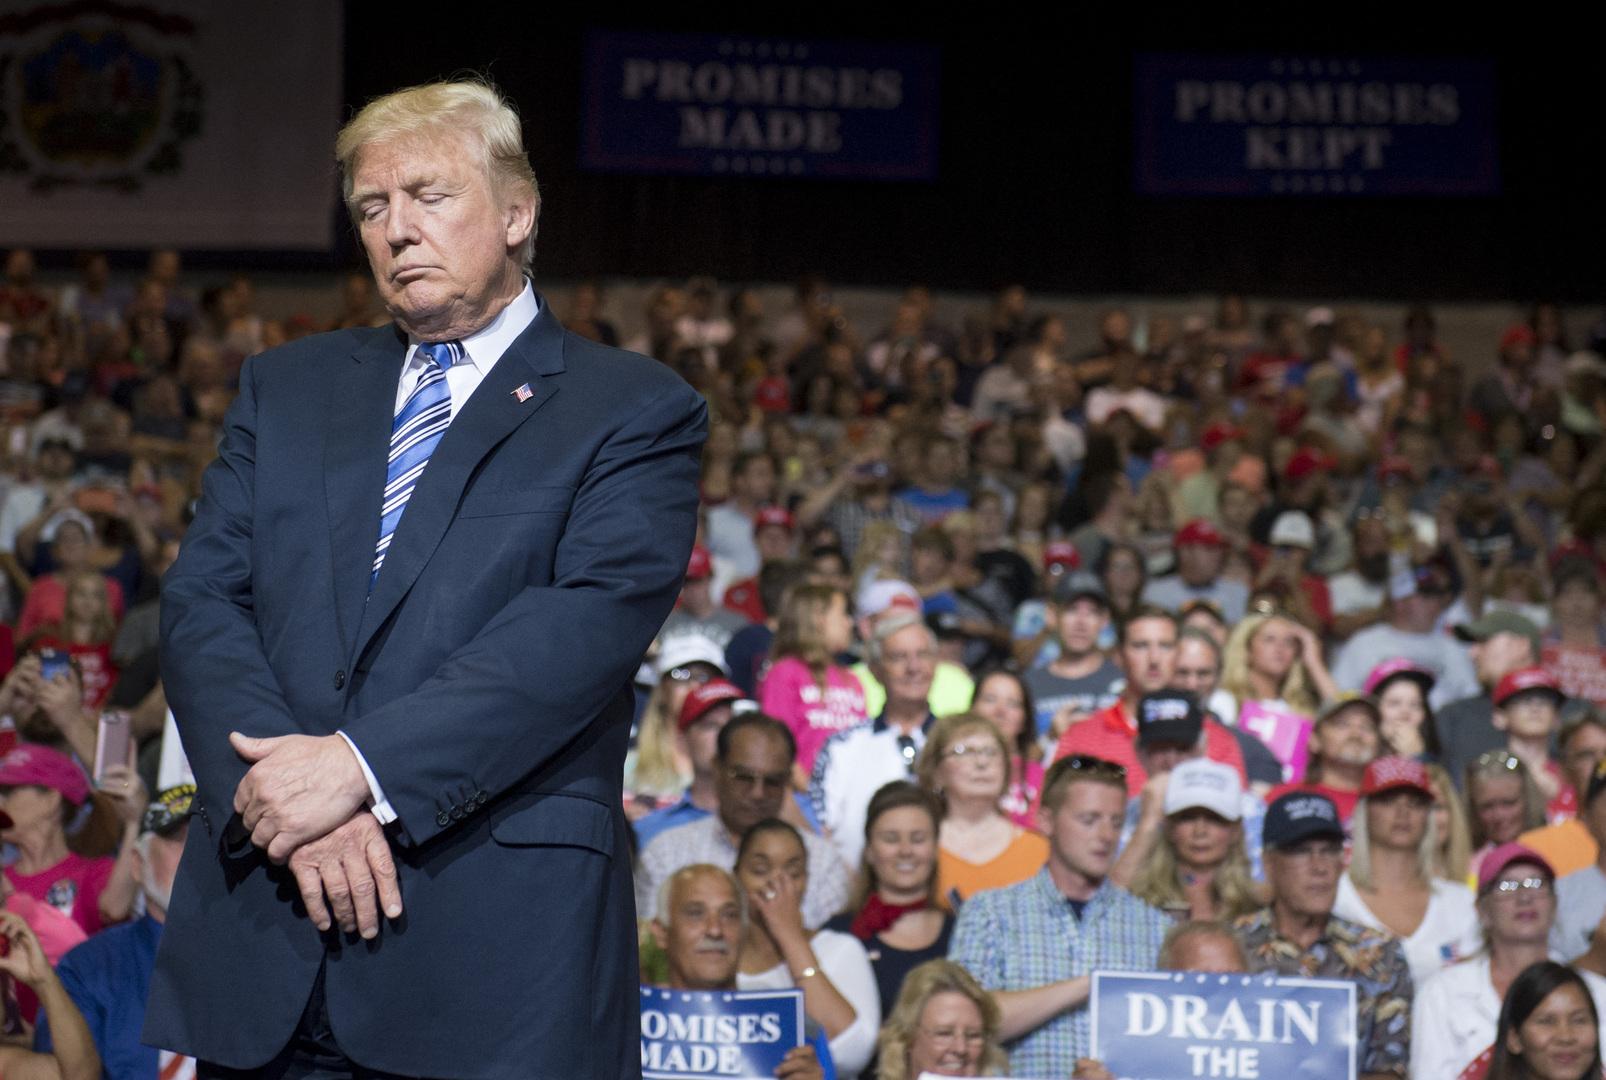 ما الذي سيخسره ترامب إذا نجحت محاولة عزله؟